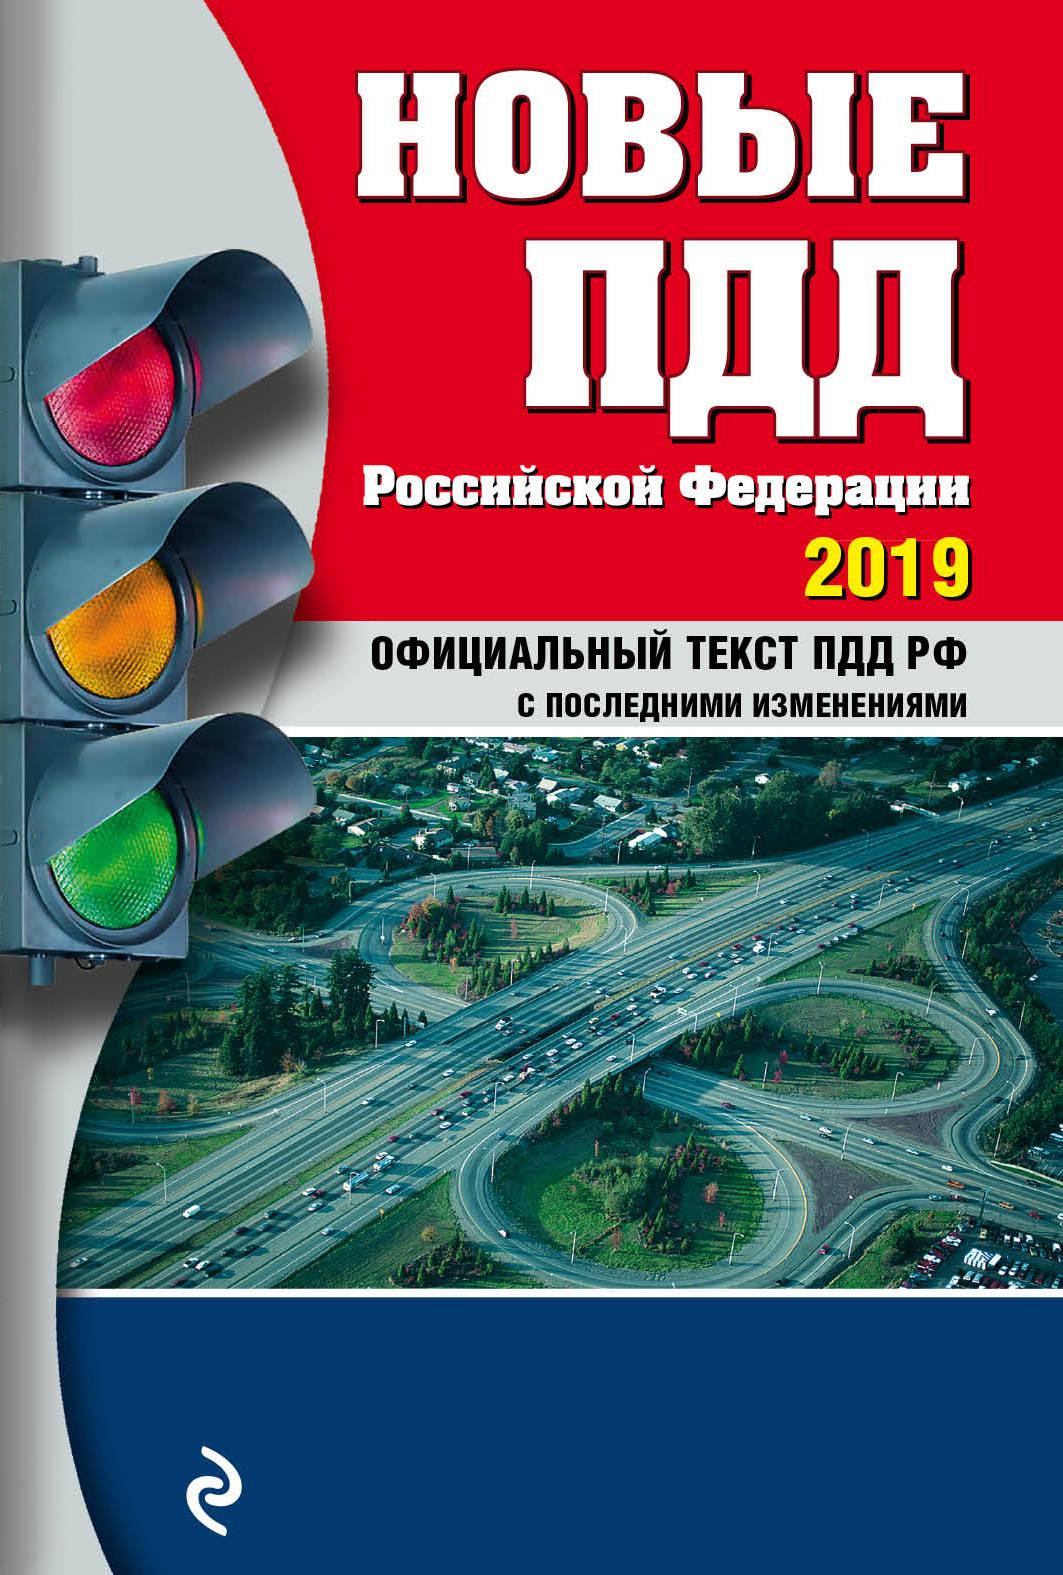 Новые ПДД РФ 2019: офиц. текст с последними изменениями